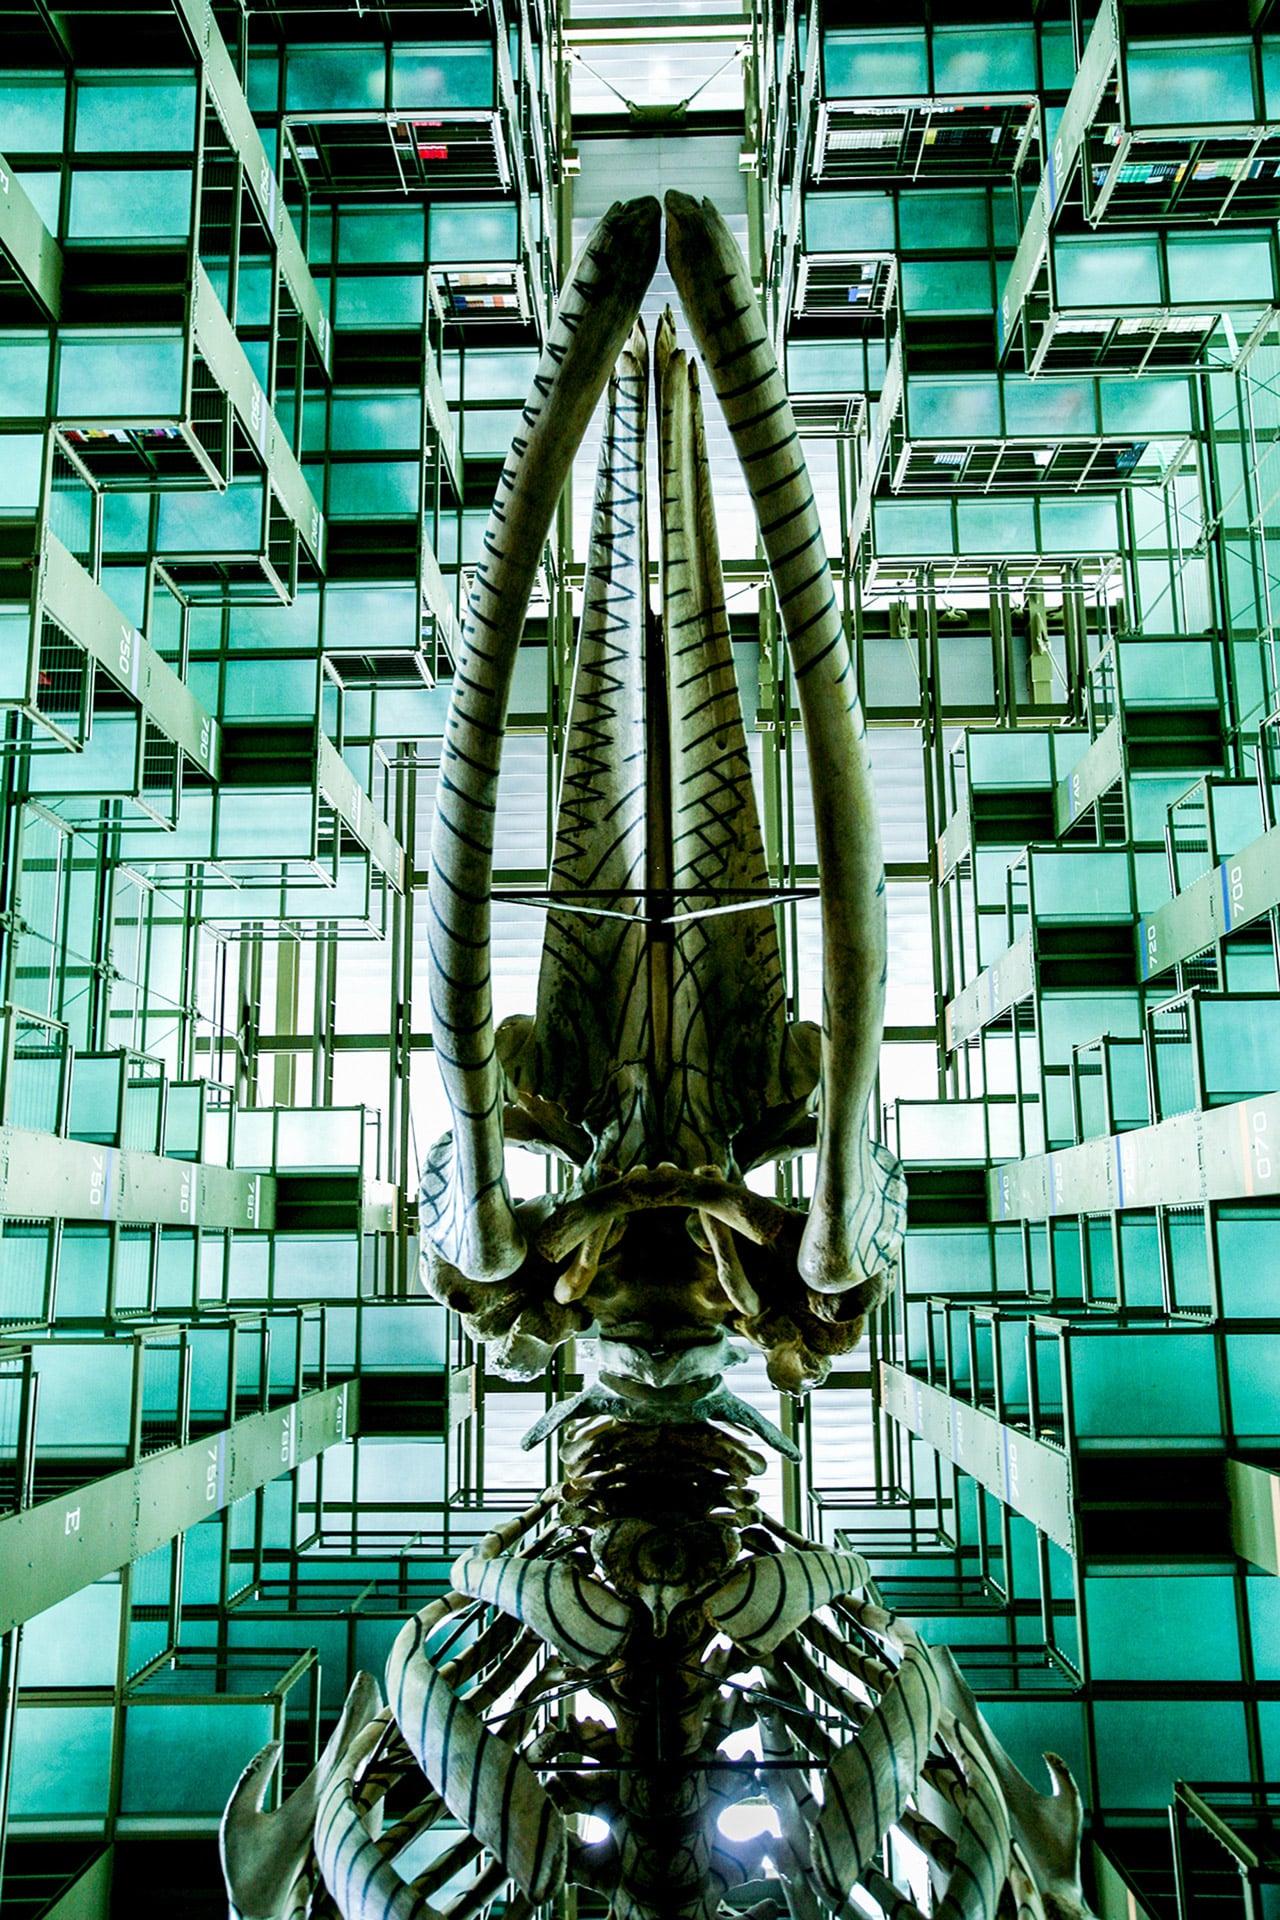 walter_shintani_architecture-08